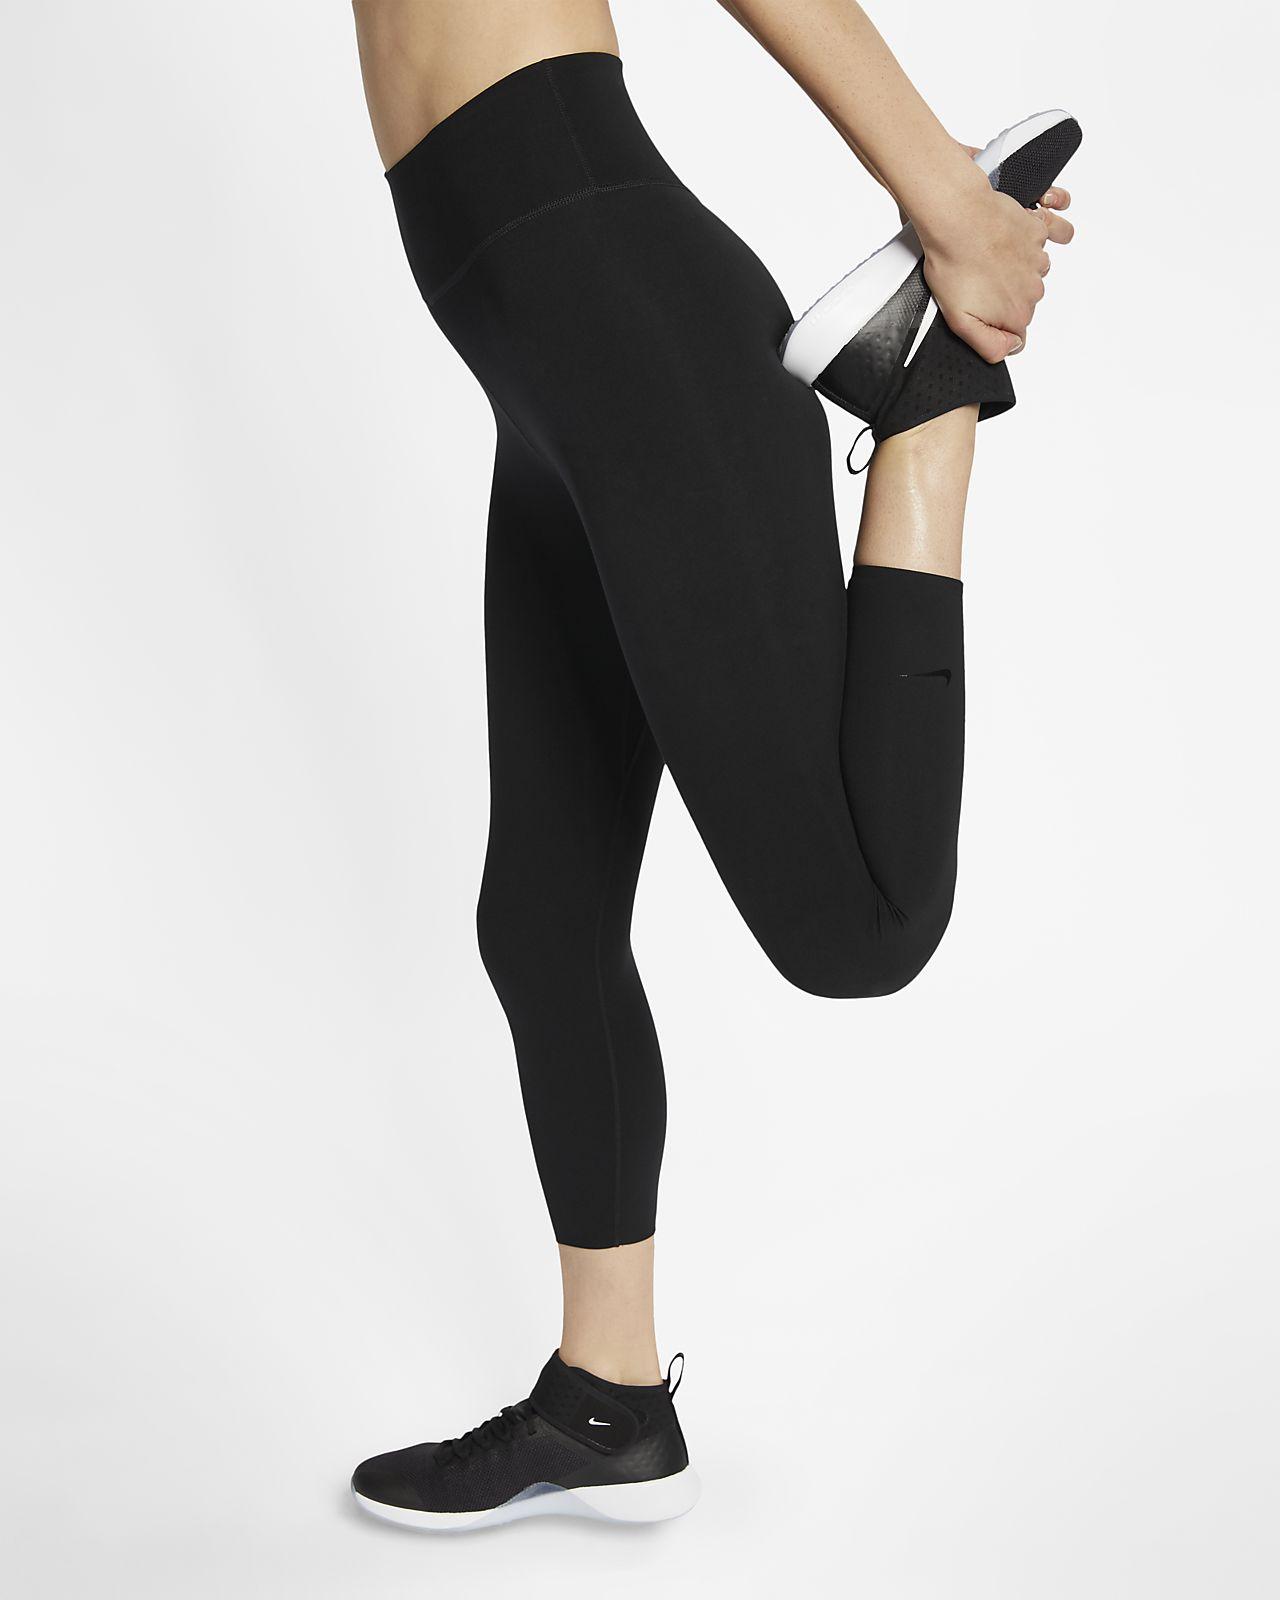 Nike One Luxe Mallas de tres cuartos - Mujer